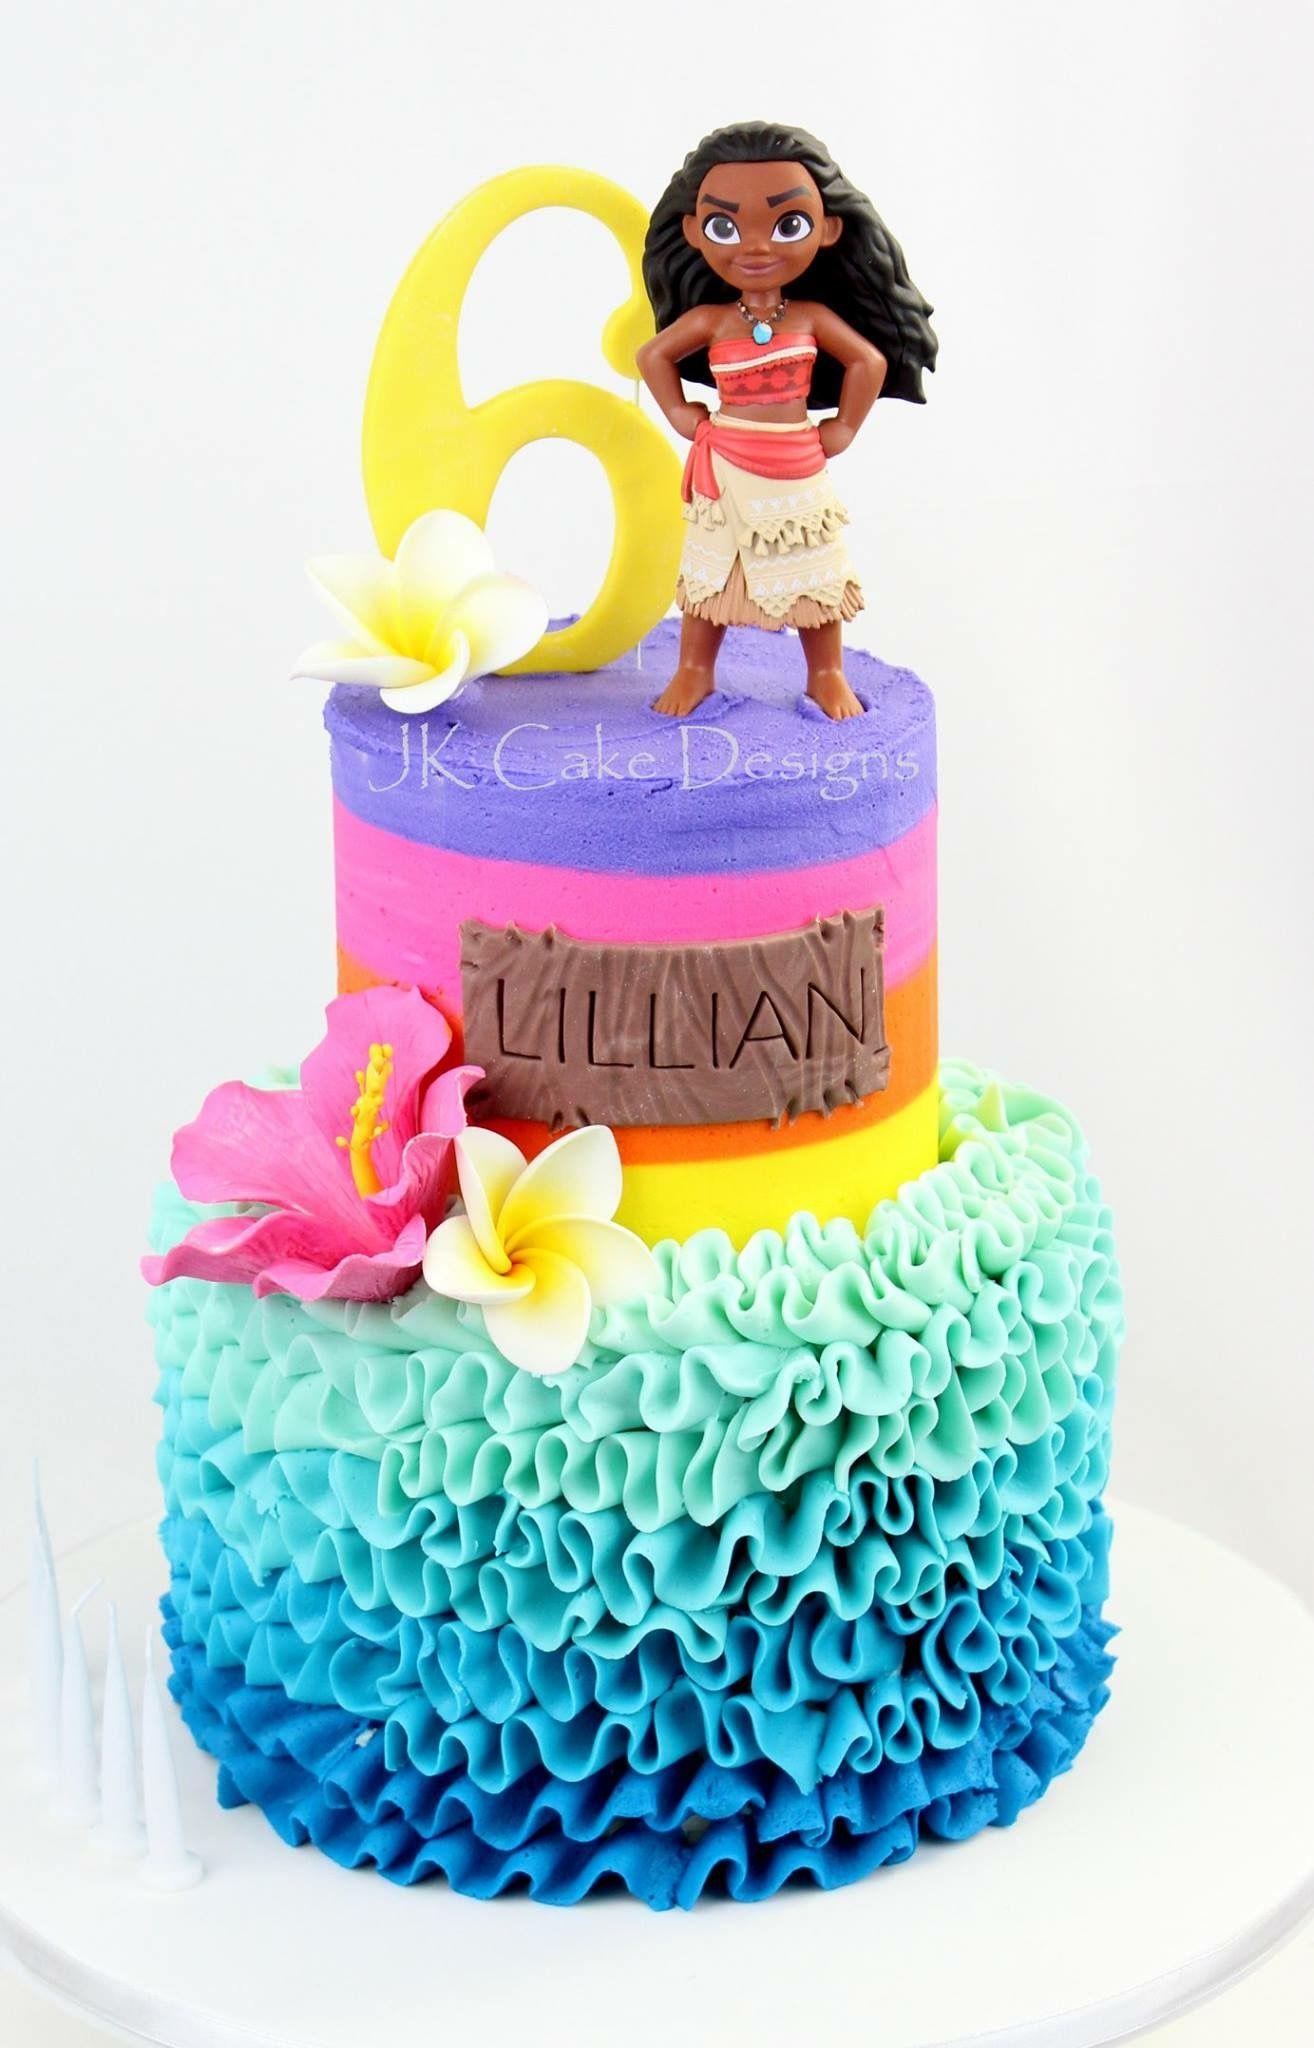 Moana Themed Birthday Cake